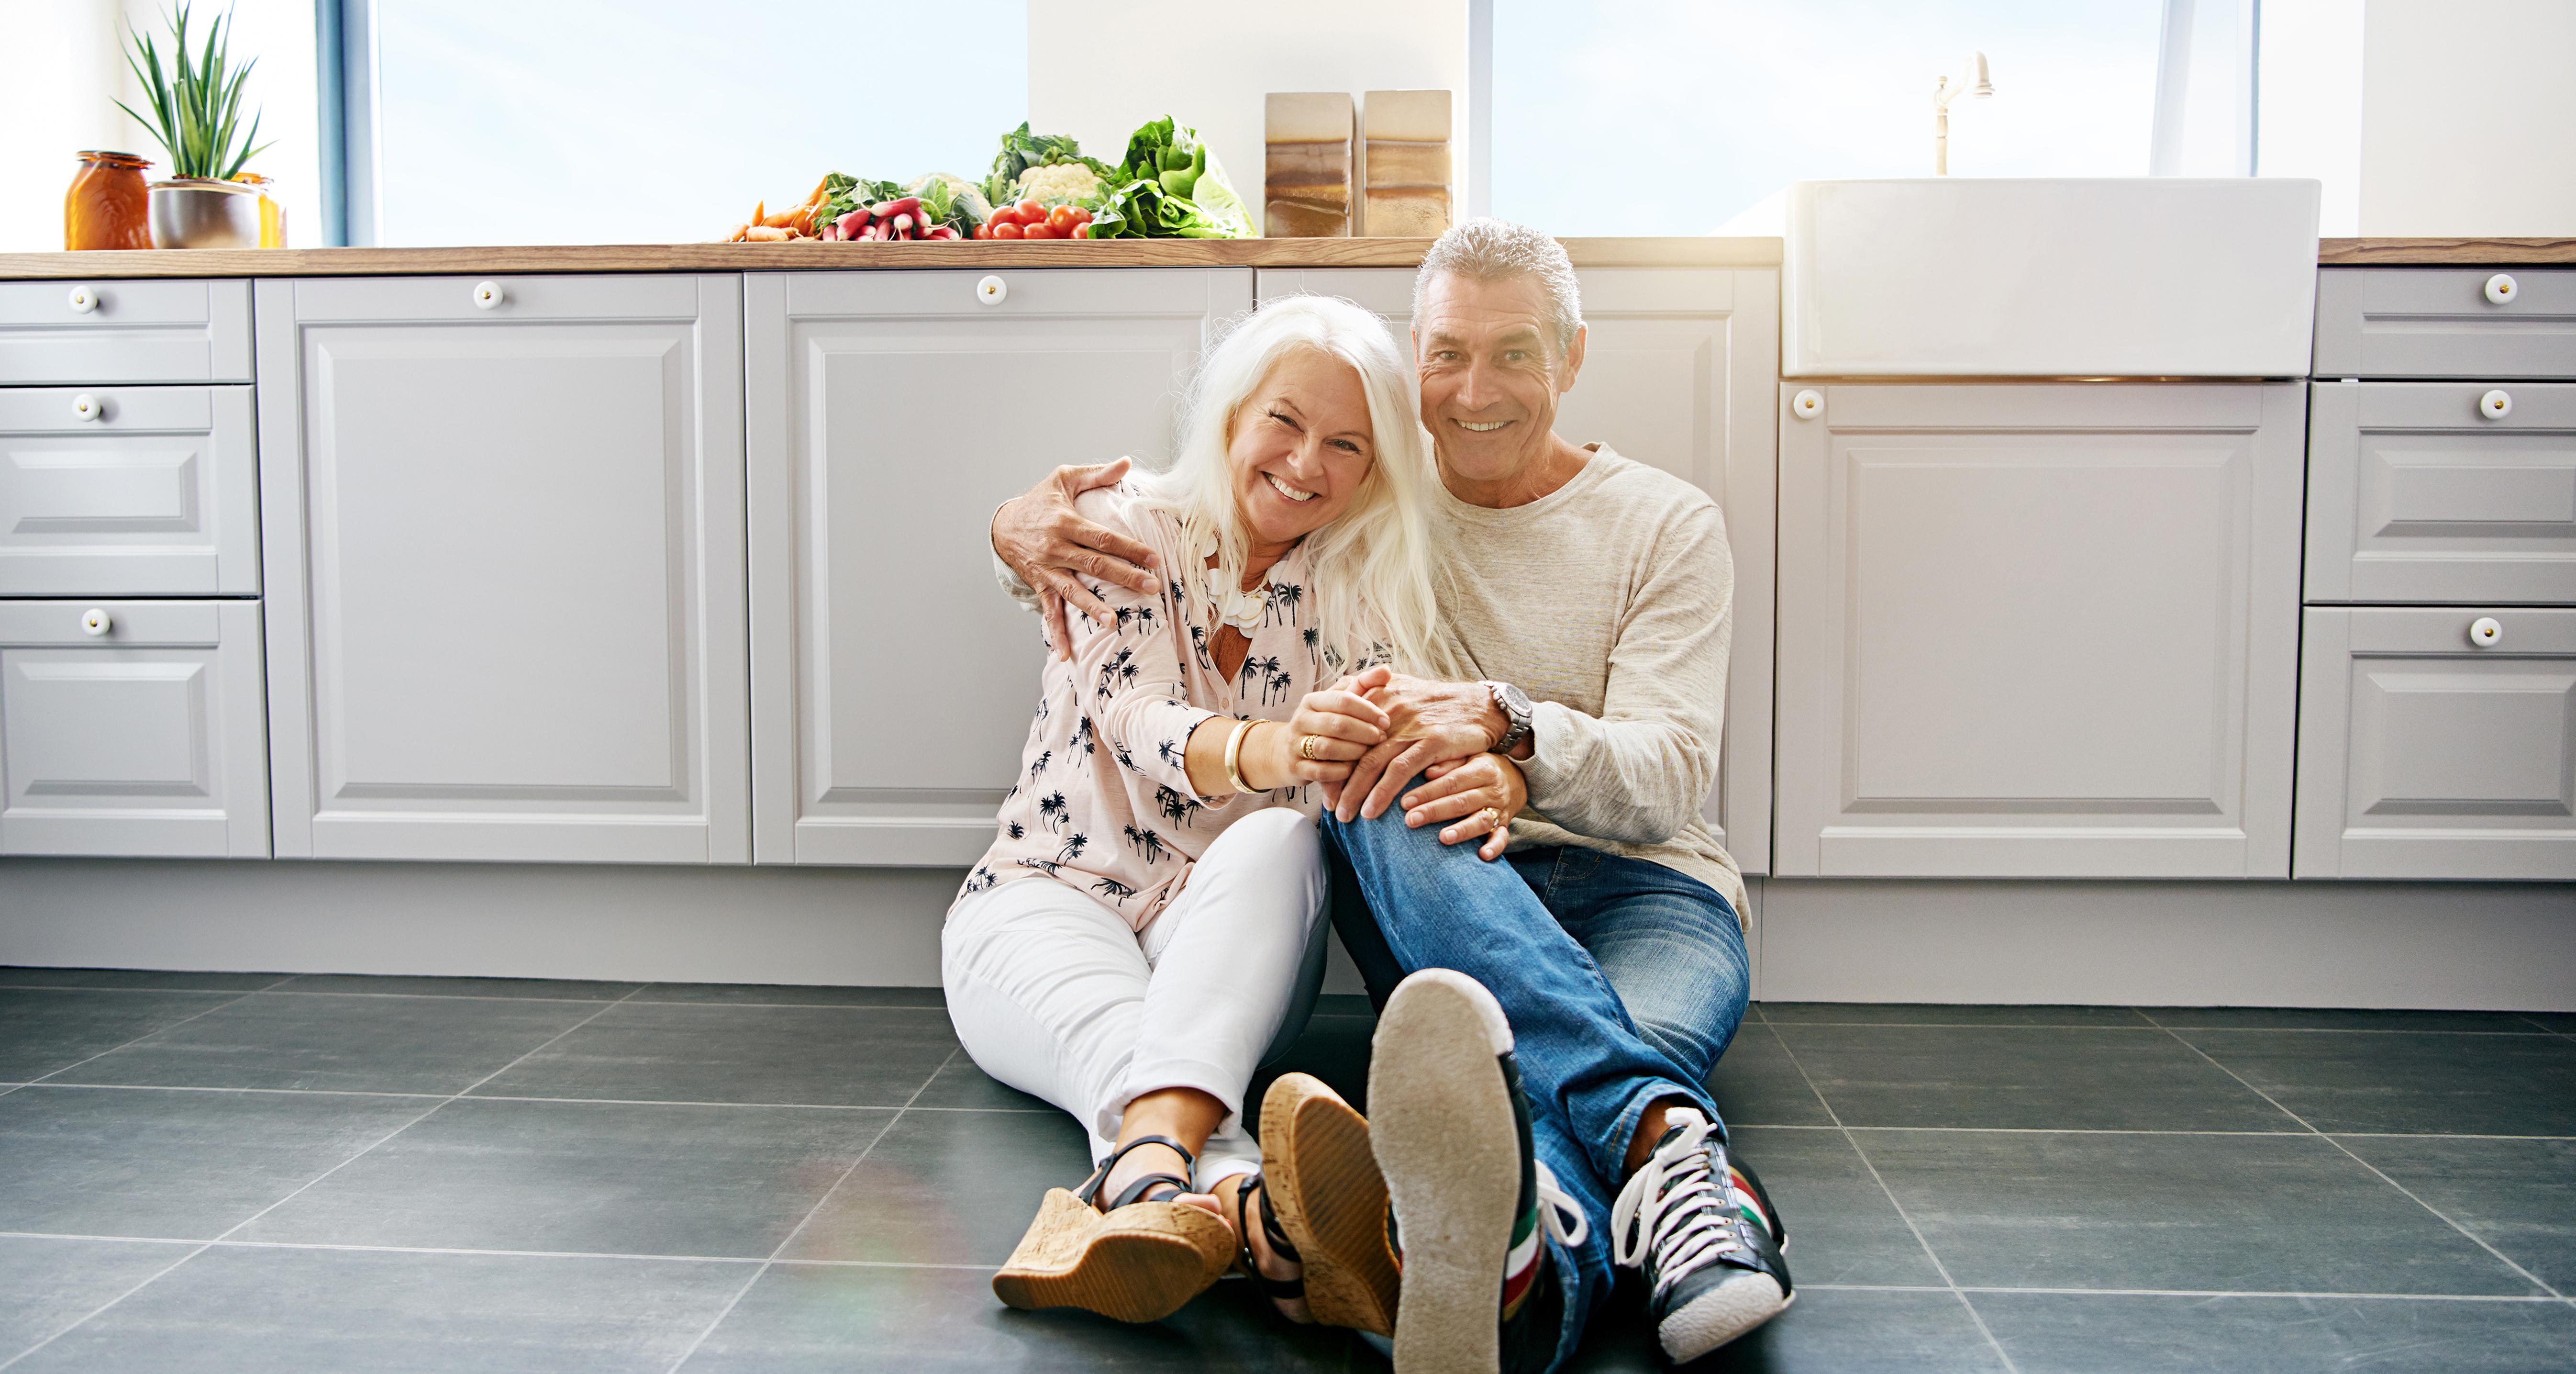 Choisissez un logement fonctionnel pour une retraite en toute sérénité !